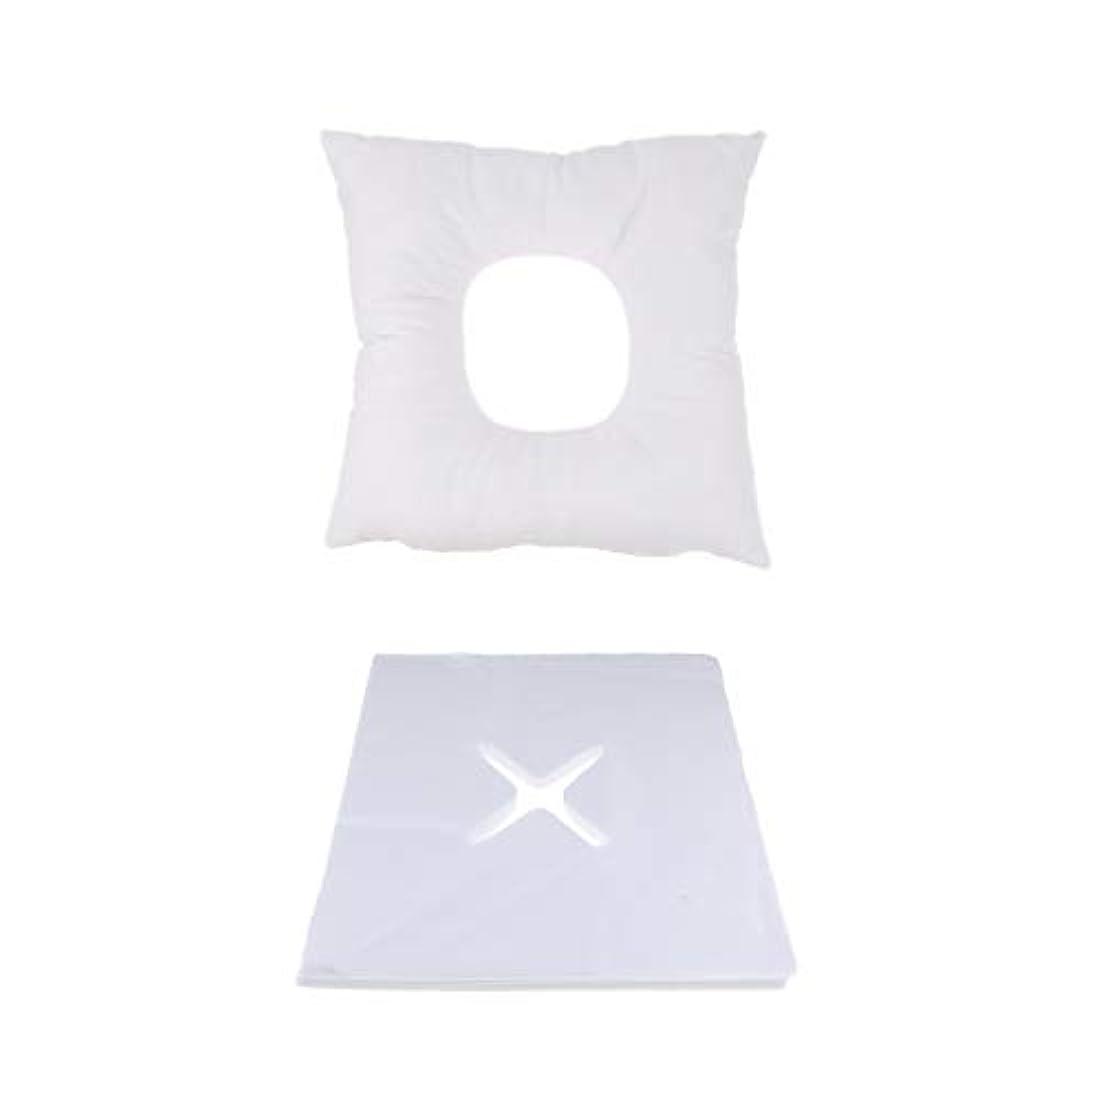 延期する透明に識別するP Prettyia マッサージ用クッション マッサージ枕 顔枕 フェイスマット 200個使い捨てピローカバー付 快適